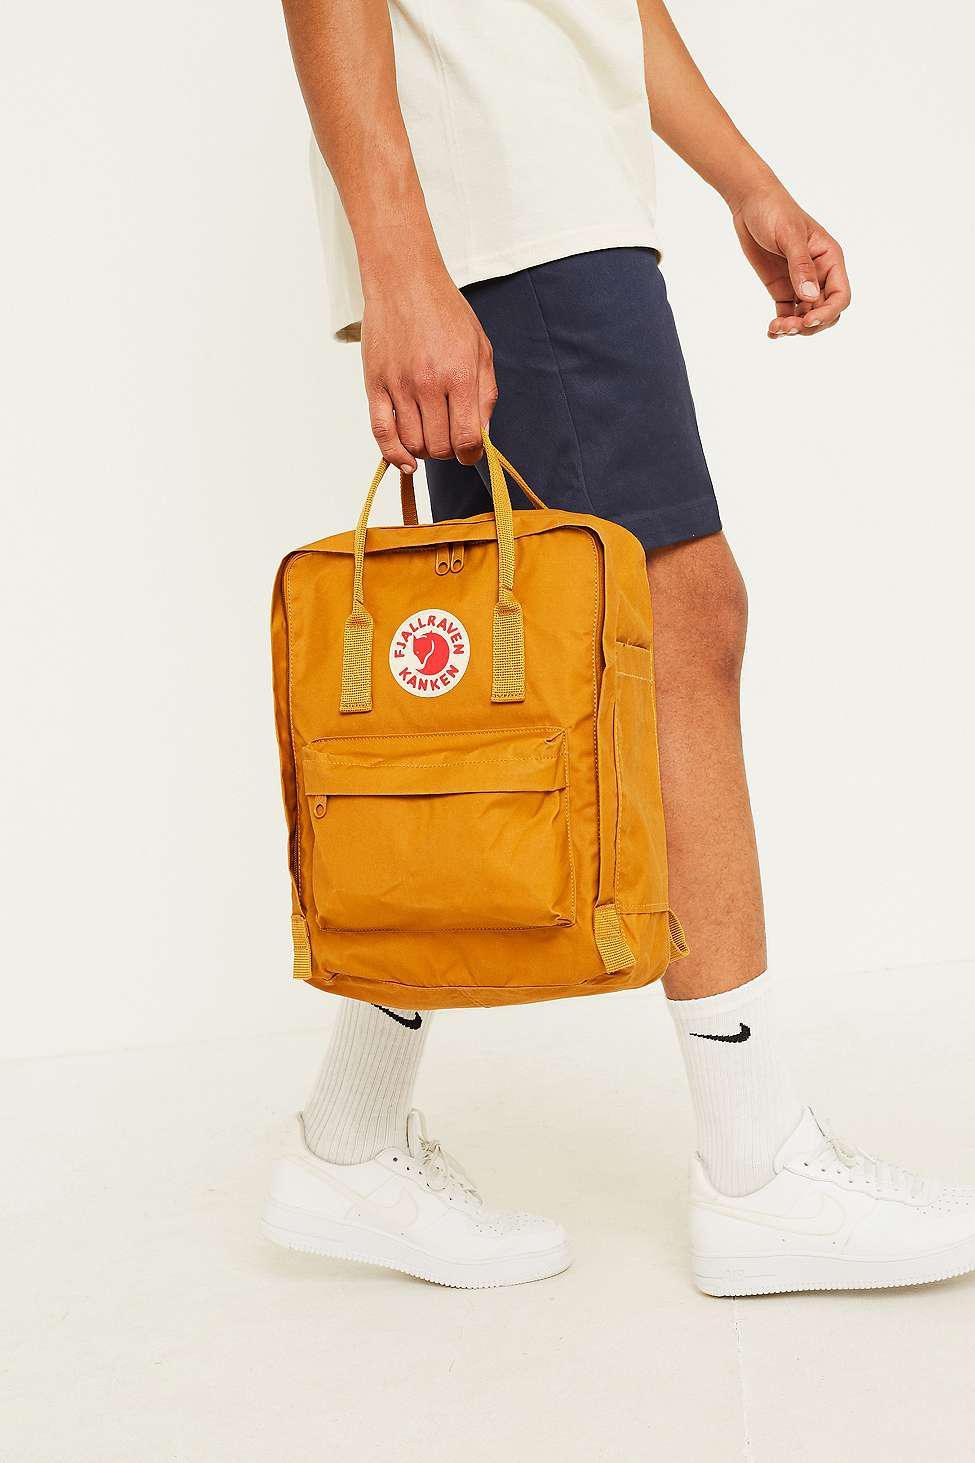 8c6a8ed9d44 Fjallraven Kanken Acorn Backpack - Mens All in Yellow for Men - Lyst